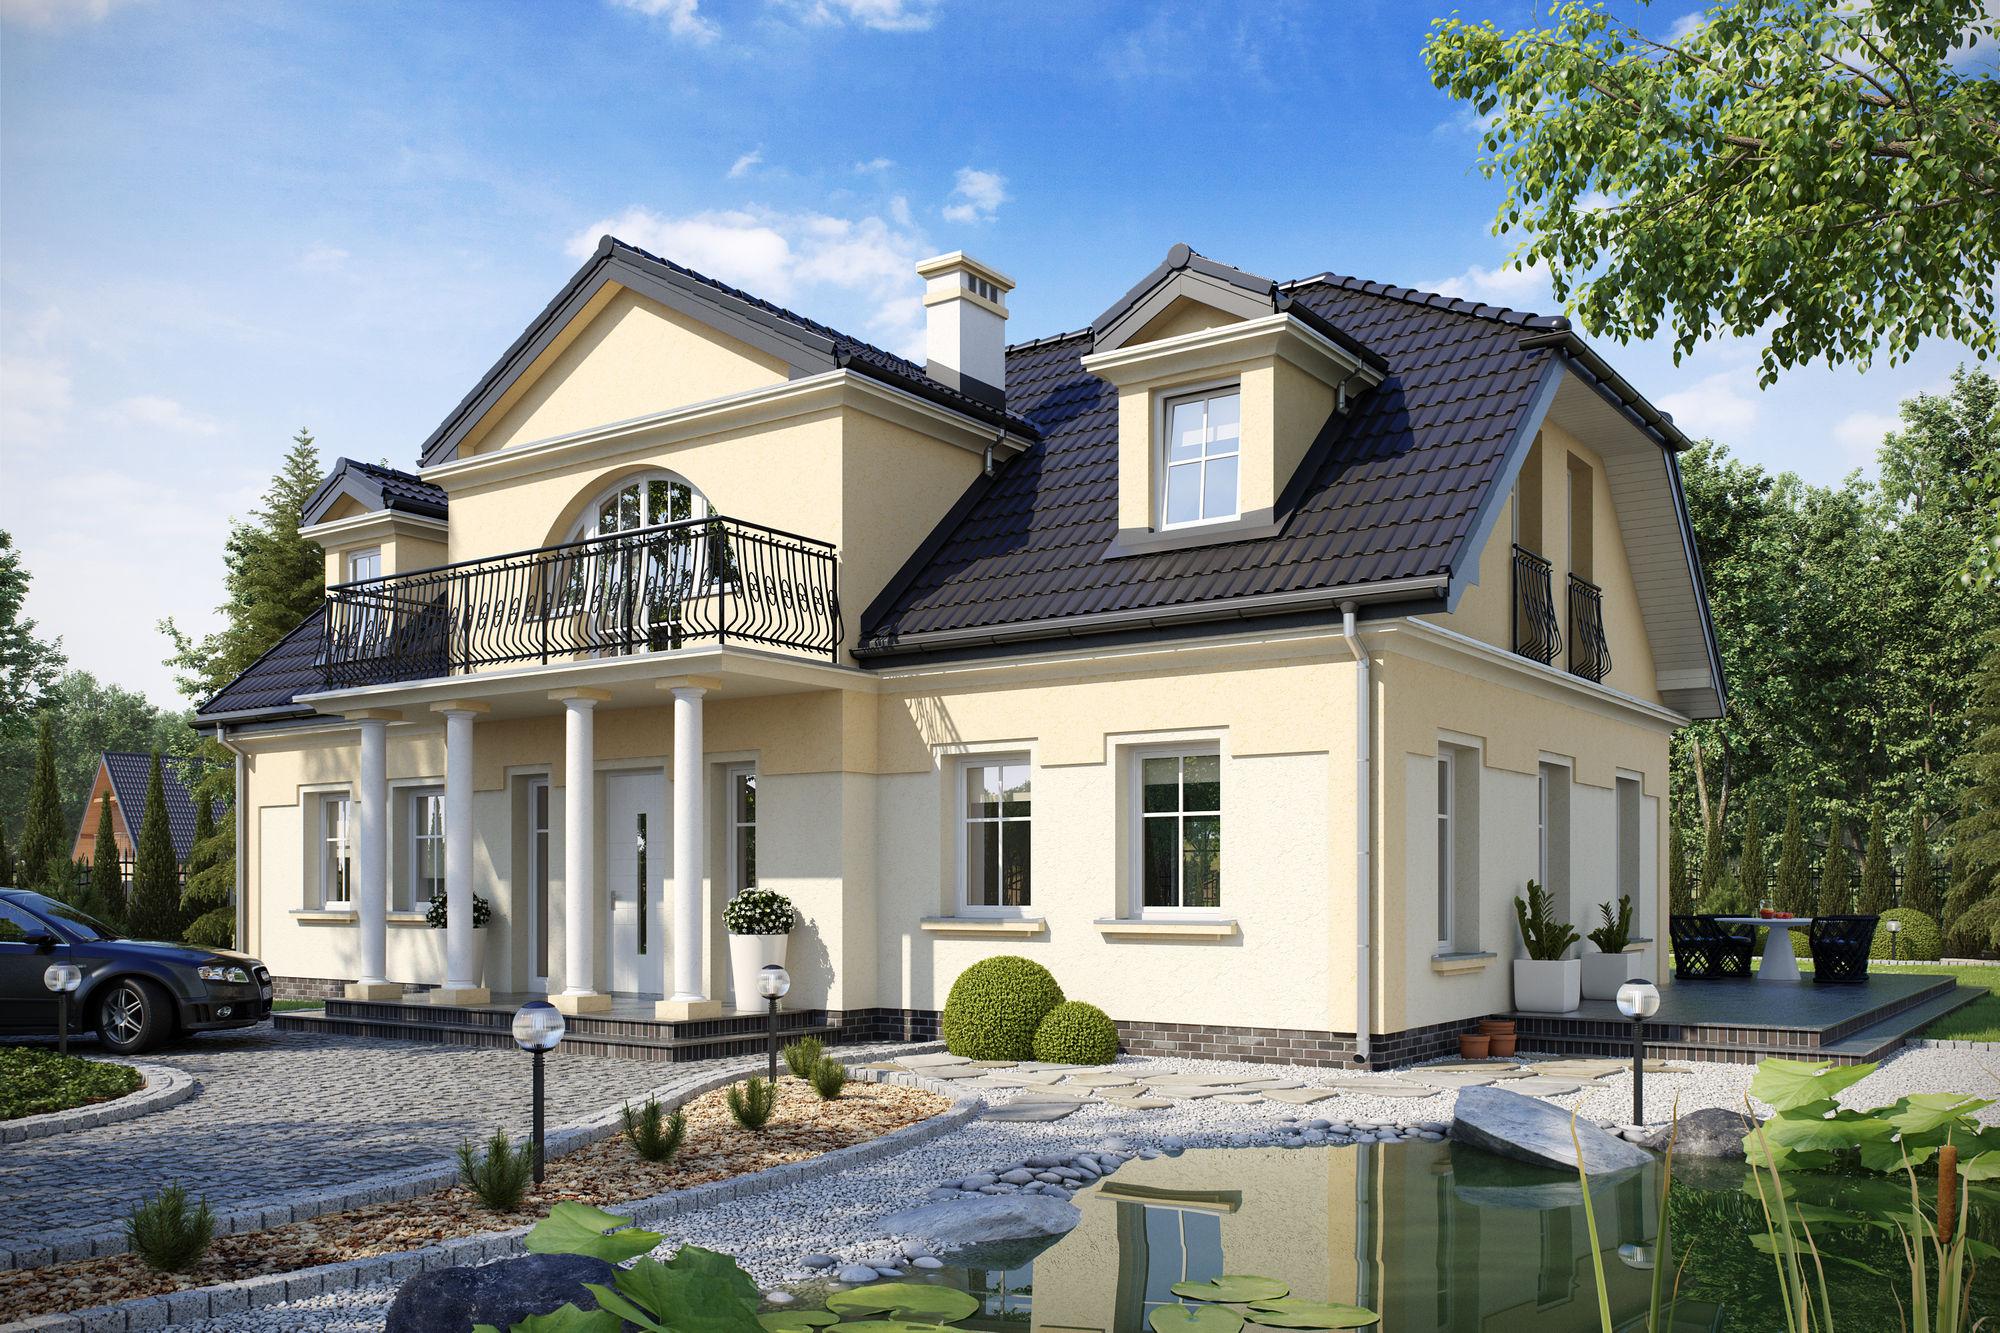 Ezen a rendkívül szép házon nagyon jól látszik a ház szája és szemei